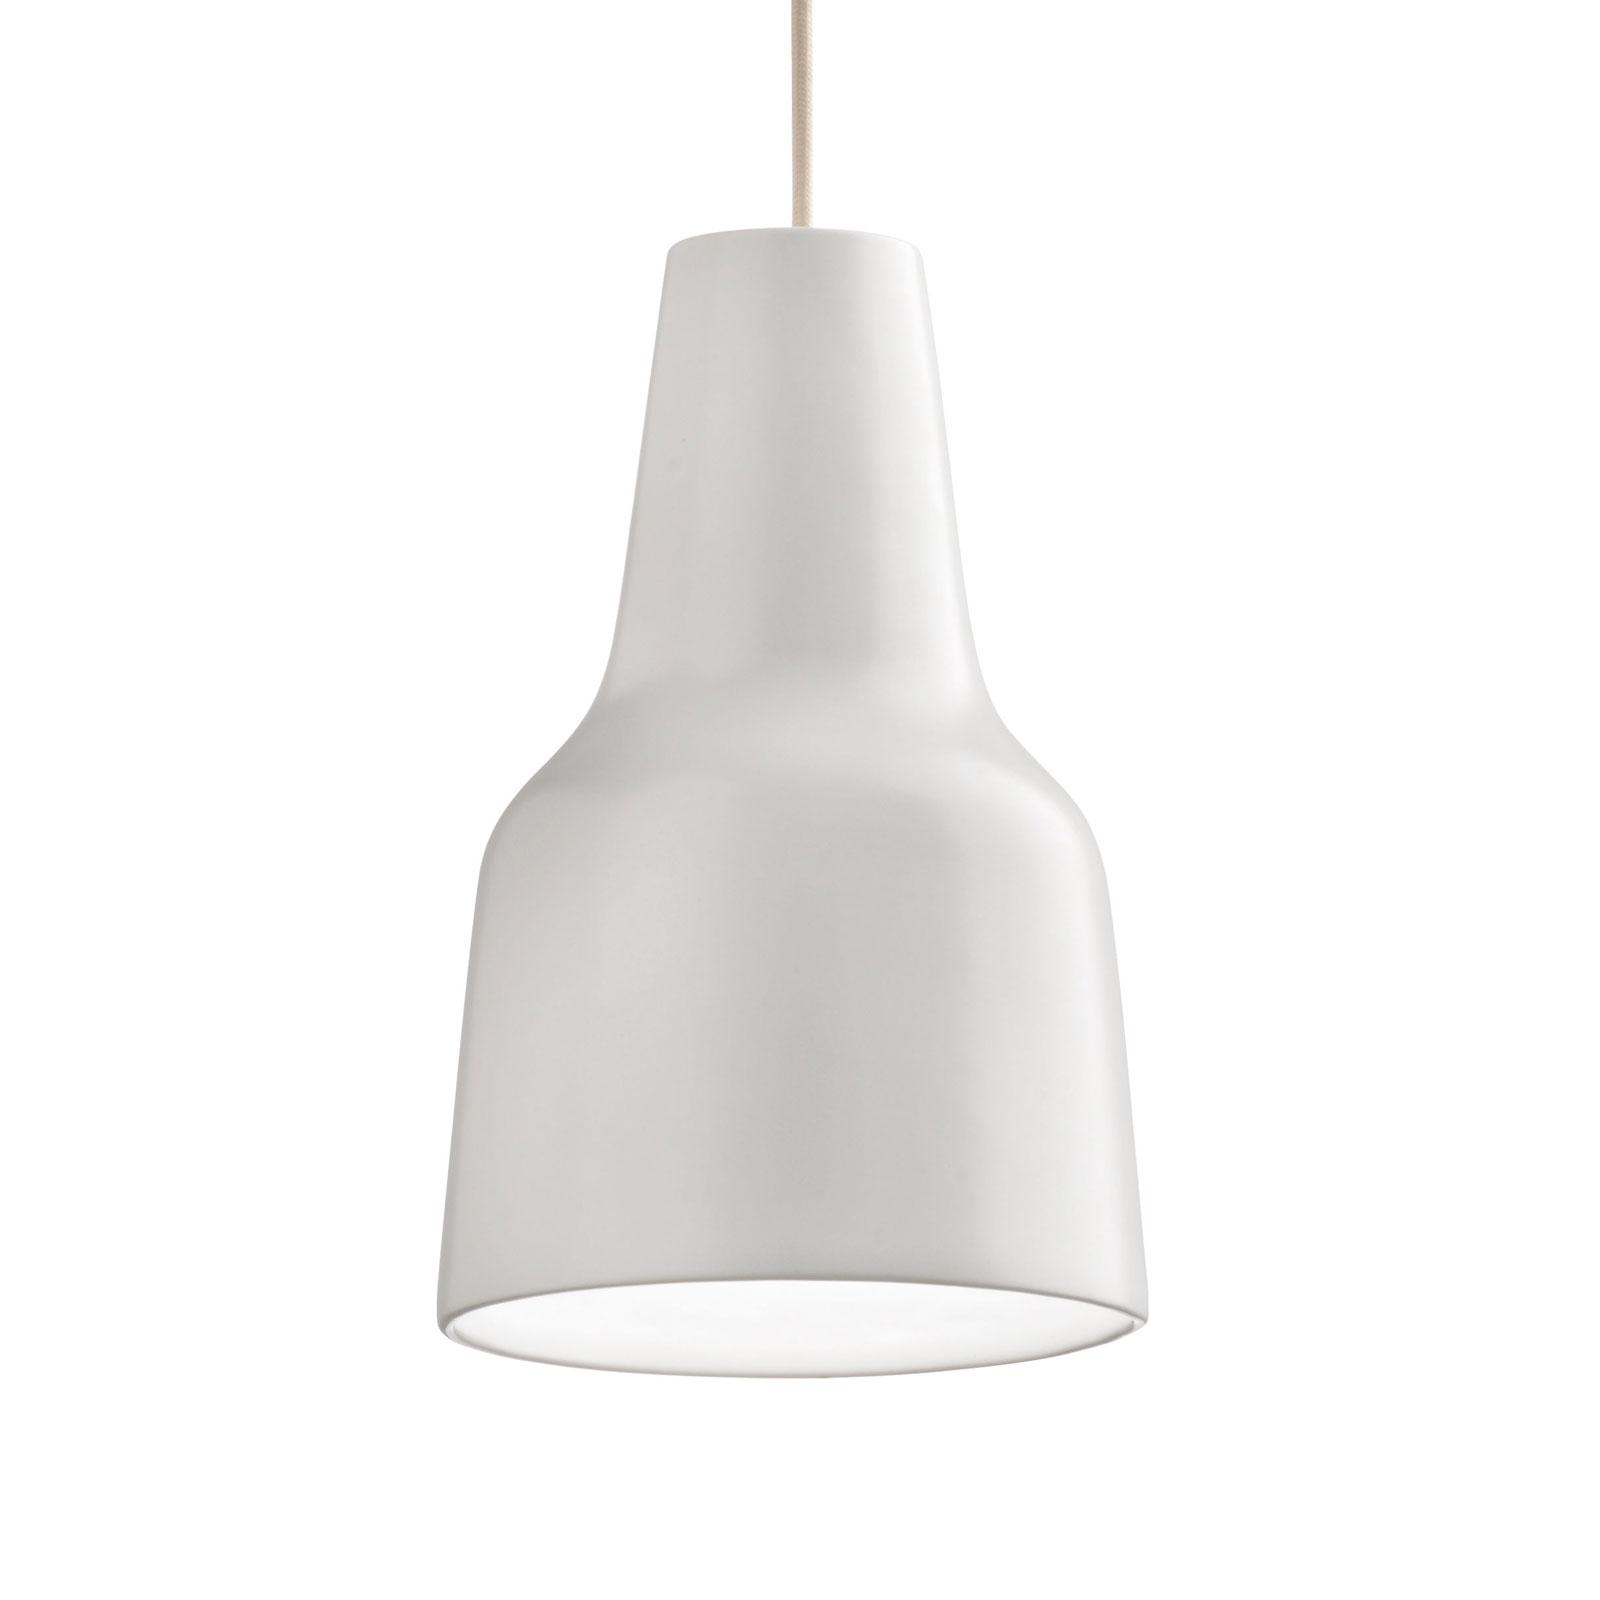 Modo Luce Eva riippuvalaisin, Ø 38 cm, valkoinen